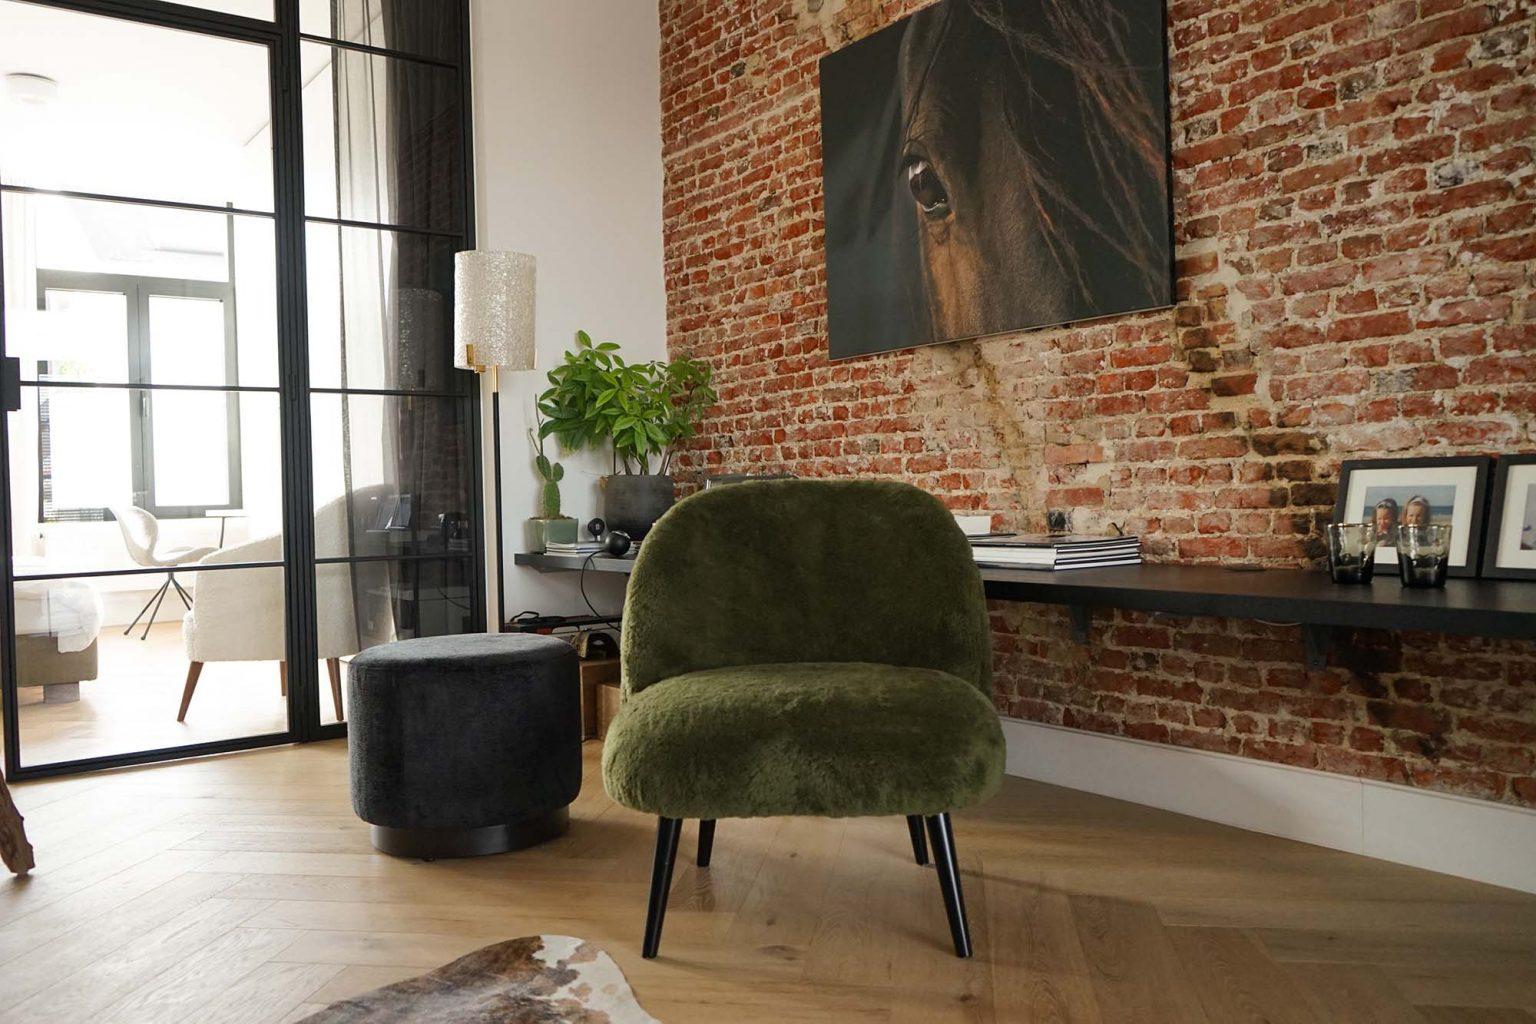 Biennale Interieur - Belgium's leading design and interior event - Petit-resol-vilma.jpg